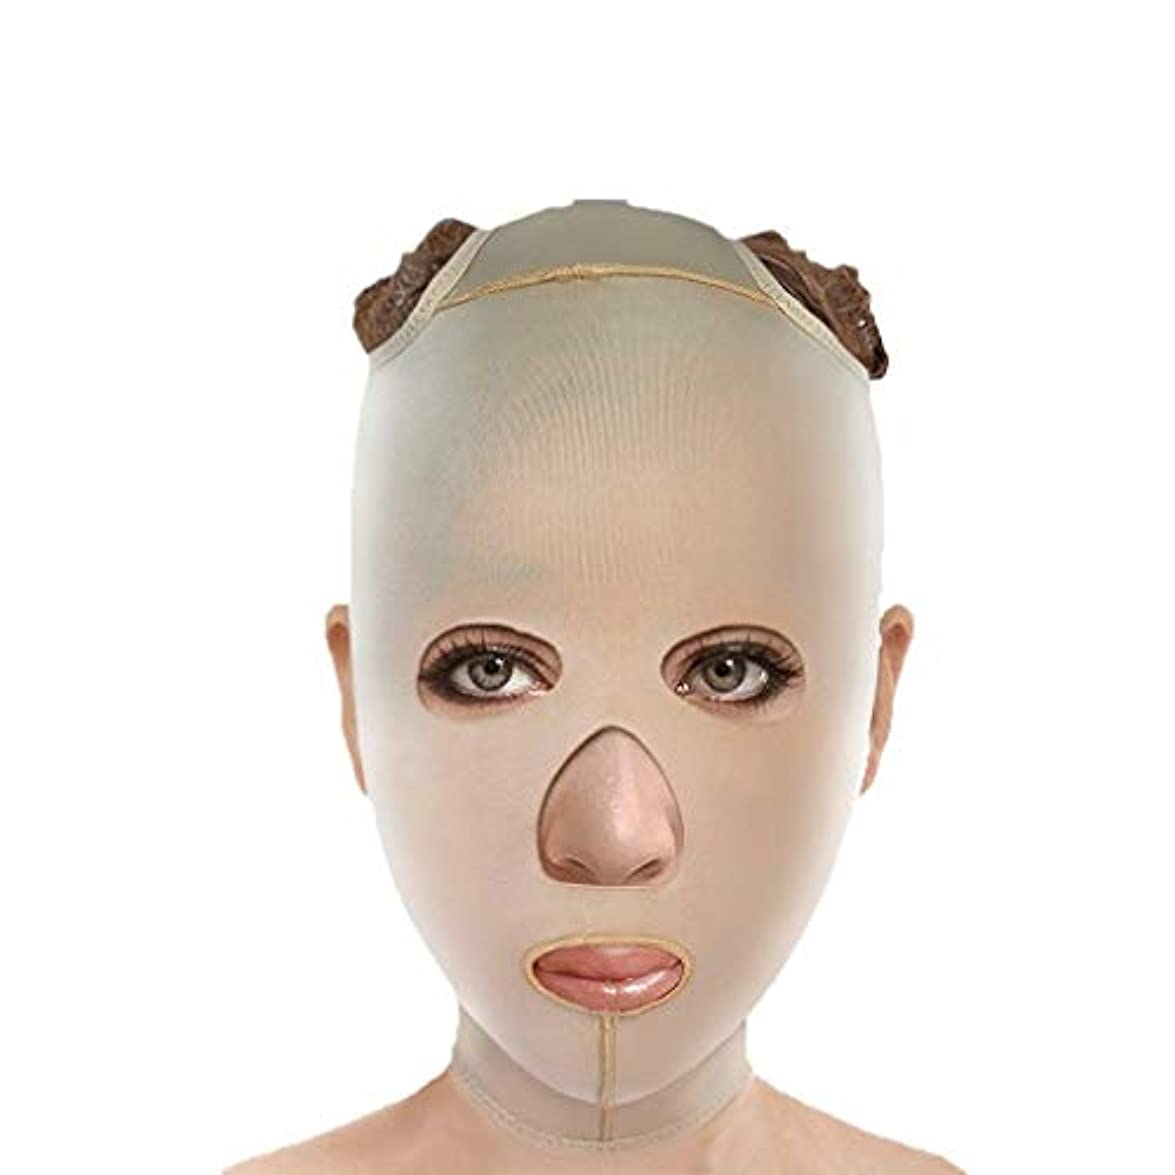 抑止する掃く習字チンストラップ、フェイスリフティング、アンチエイジングフェイシャル包帯、フェイシャル減量マスク、ファーミングマスク、フェイシャルリフティングアーティファクト(サイズ:S),XL